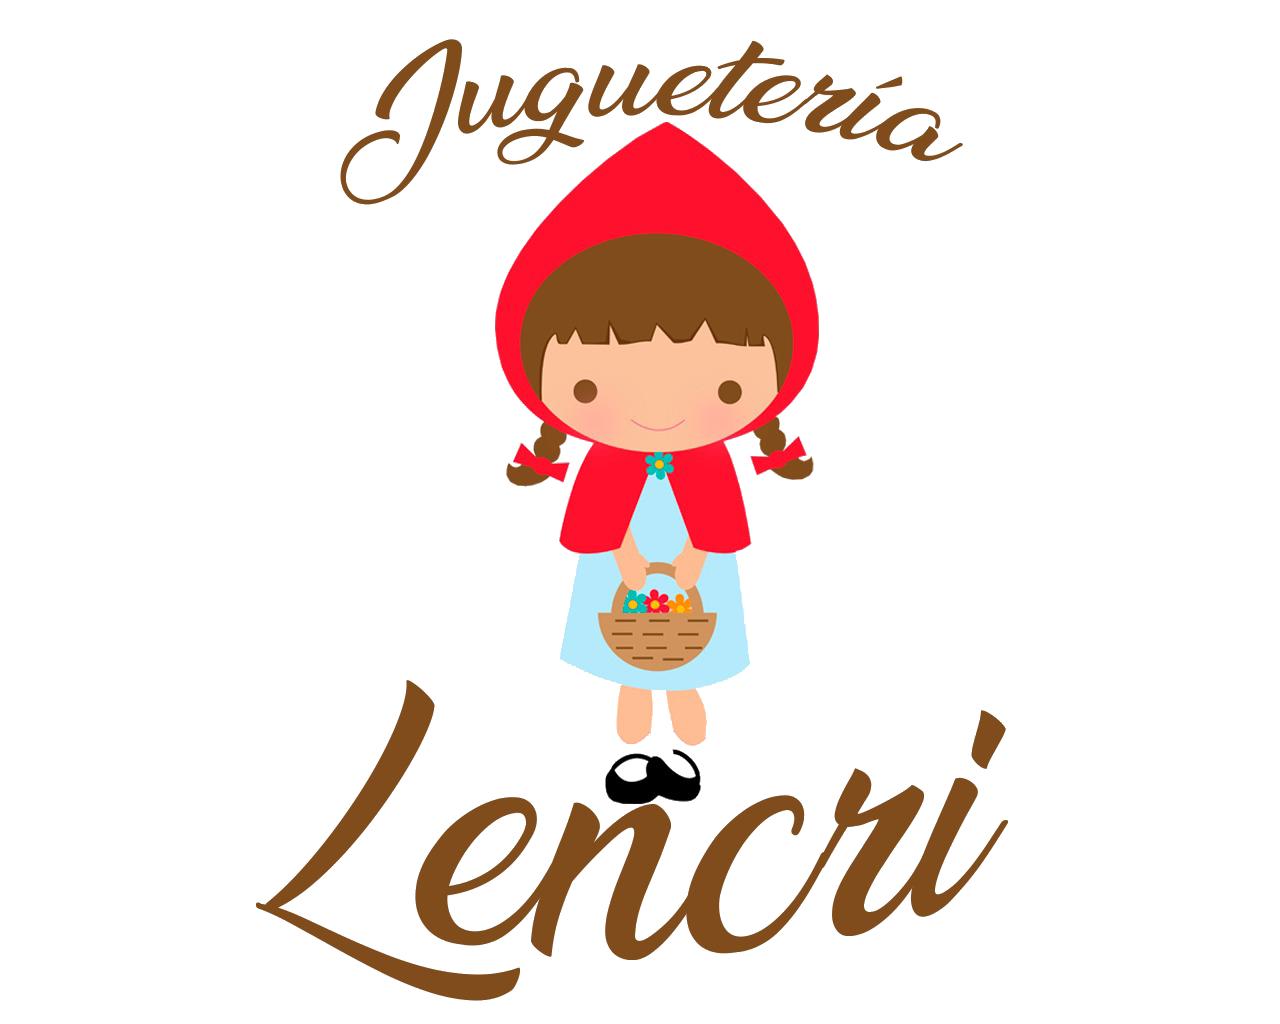 Juguetería Lencri